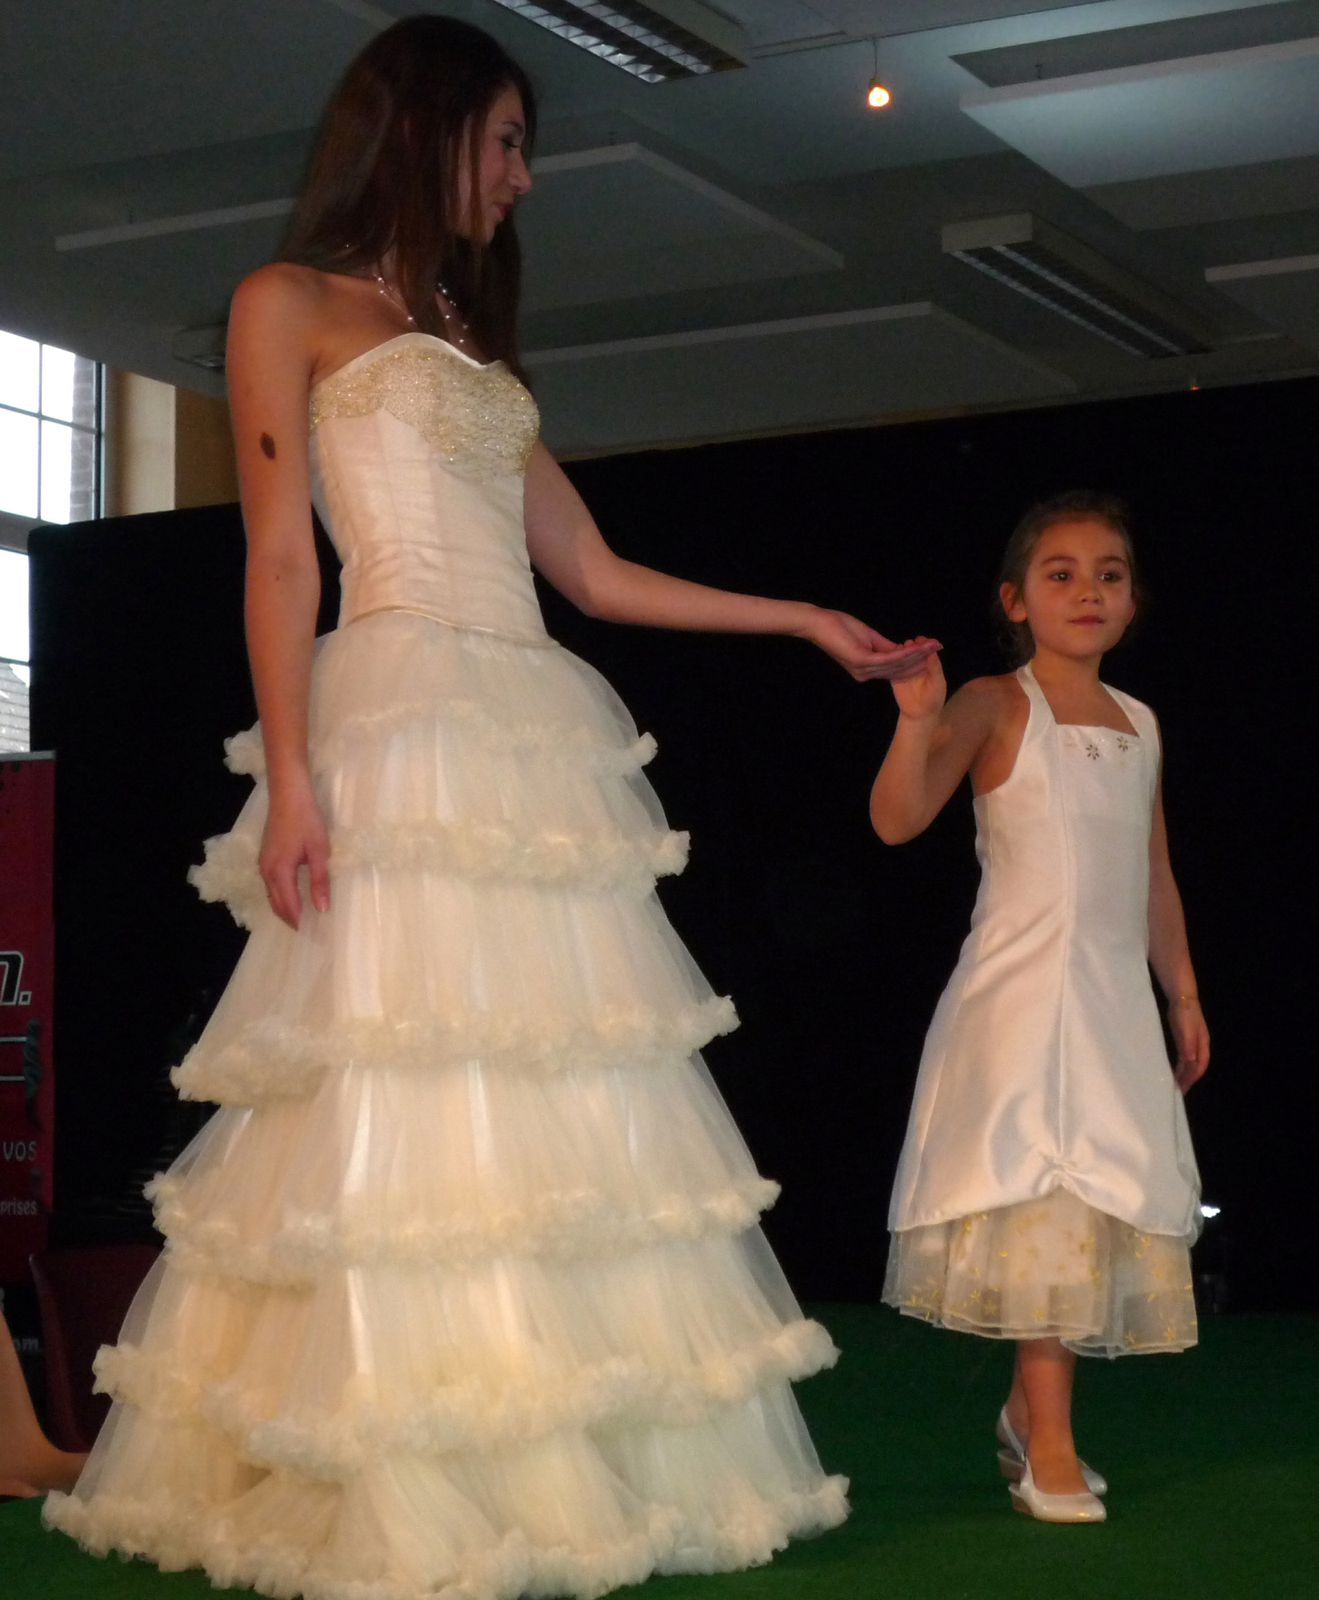 Les Miss et Mannequins de chez Artistes et Modèles en Seine.Elles portes les différents modèles que je crée.